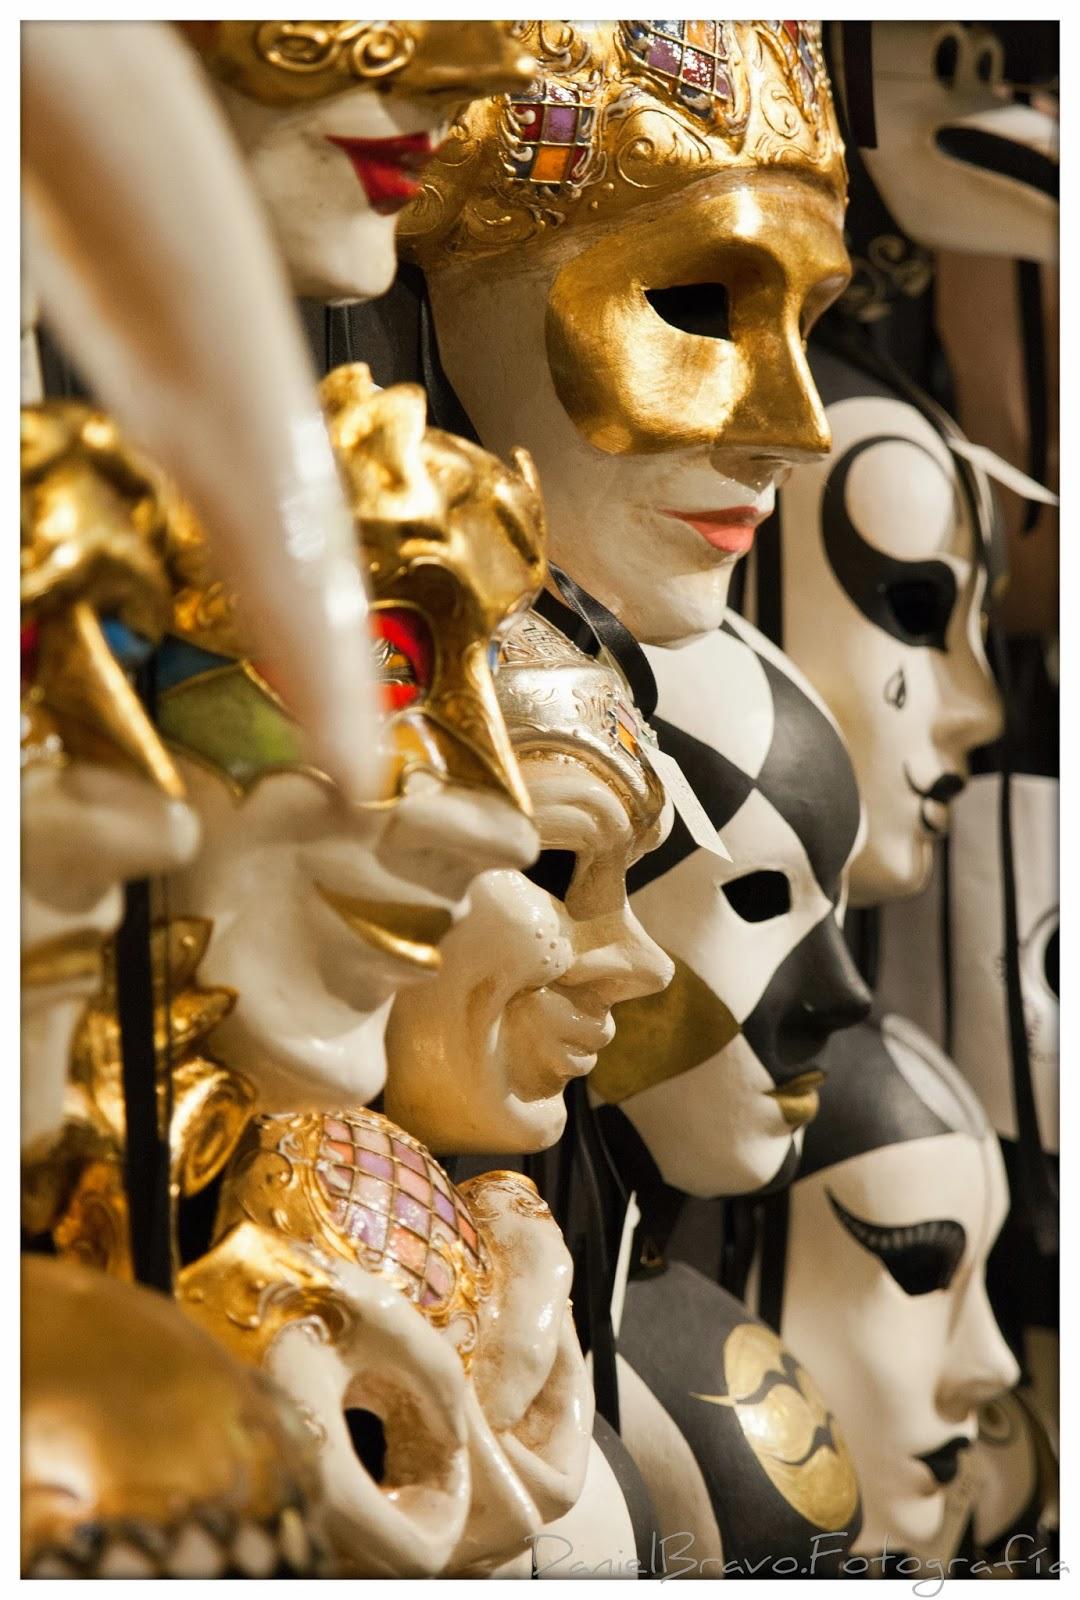 Detalle de una tienda de máscaras venecianas de carnaval